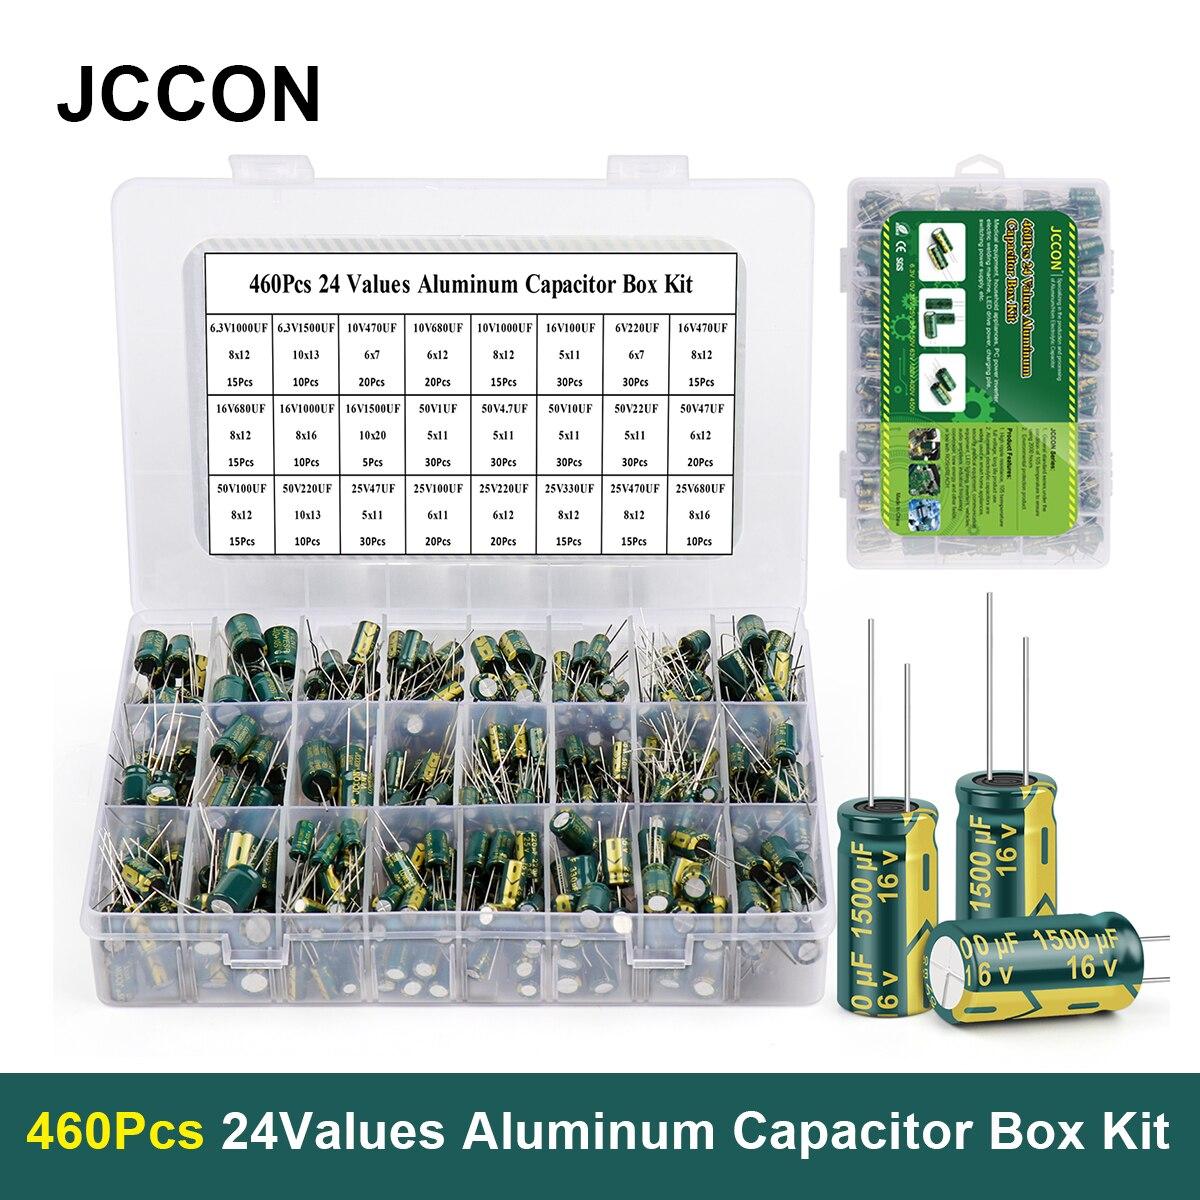 460 قطعة/صندوق مكثف عدة JCCON 1 فائق التوهج-1500 فائق التوهج 24 قيم الألومنيوم مكثفات كهربائية 6.3 فولت-50 فولت المكثفات متنوعة صندوق عدة منخفضة ESR